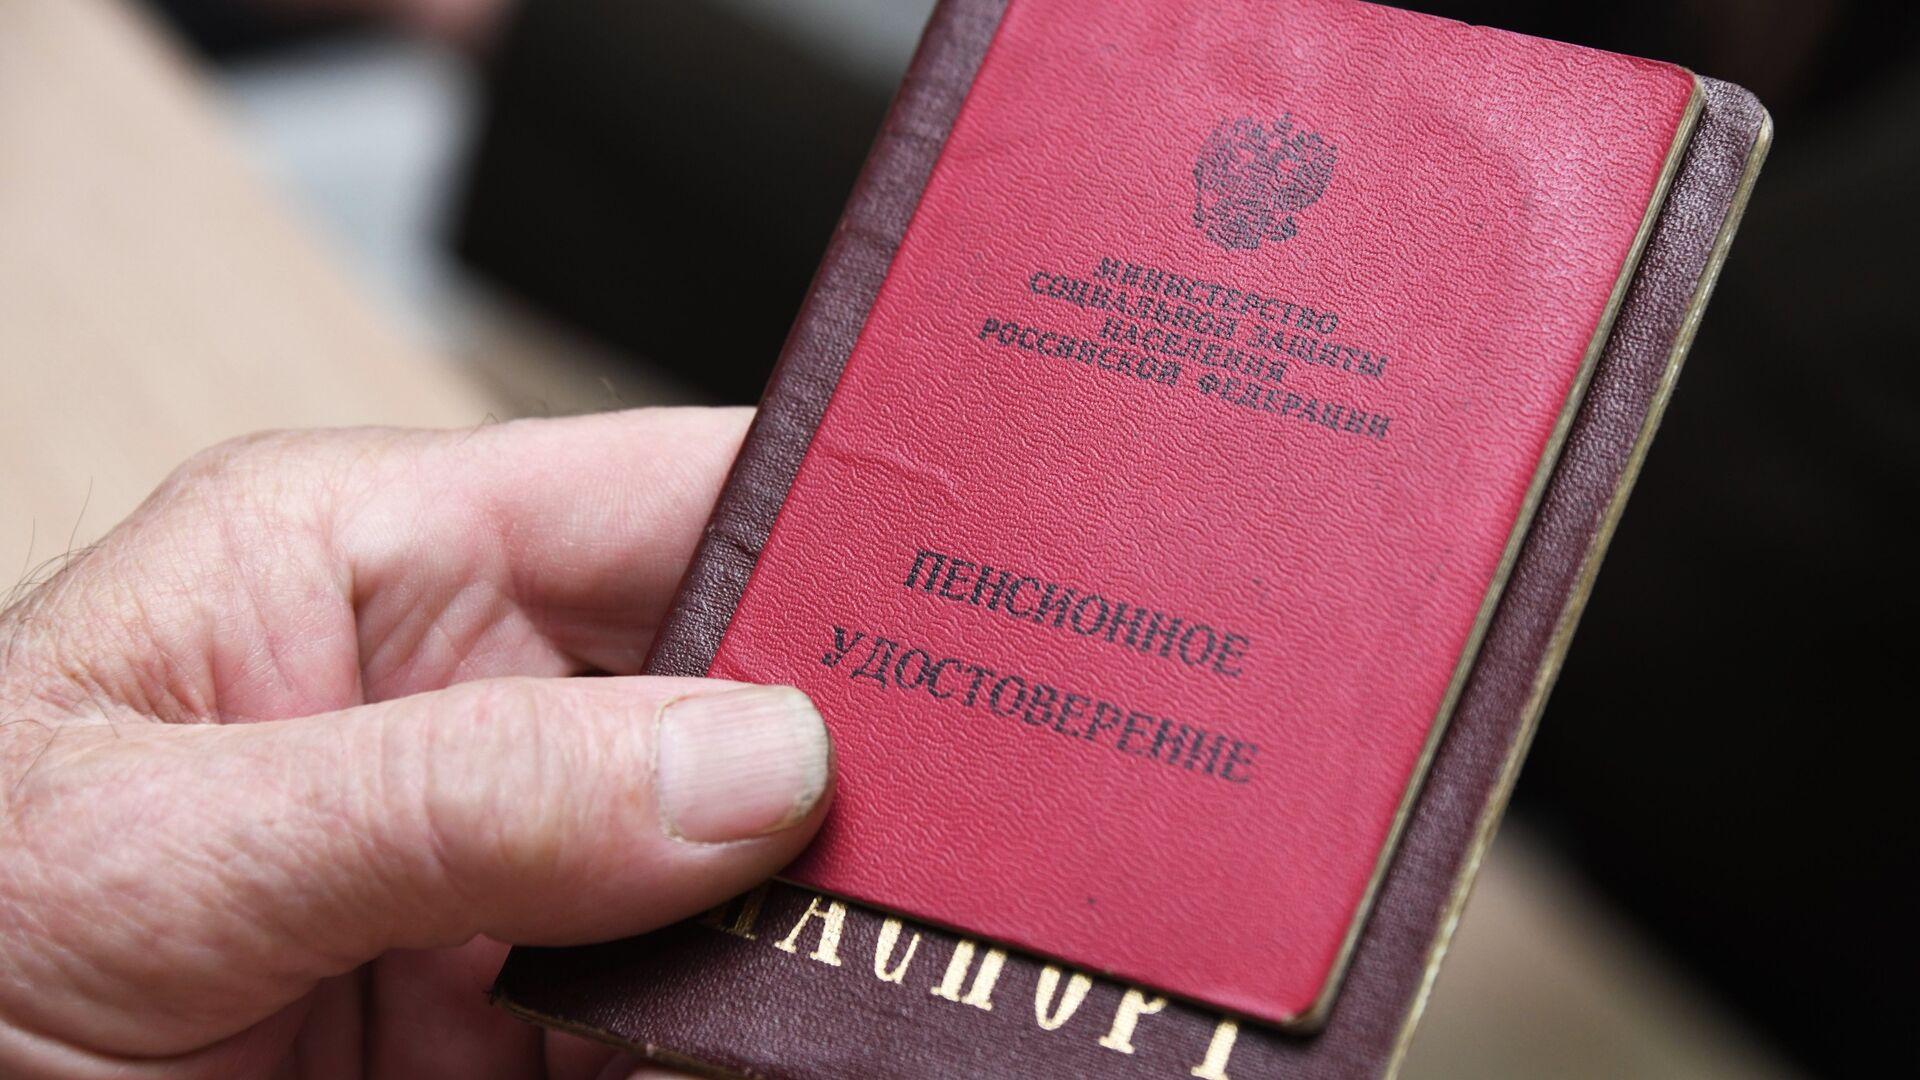 Пенсионное удостоверение - РИА Новости, 1920, 15.02.2021